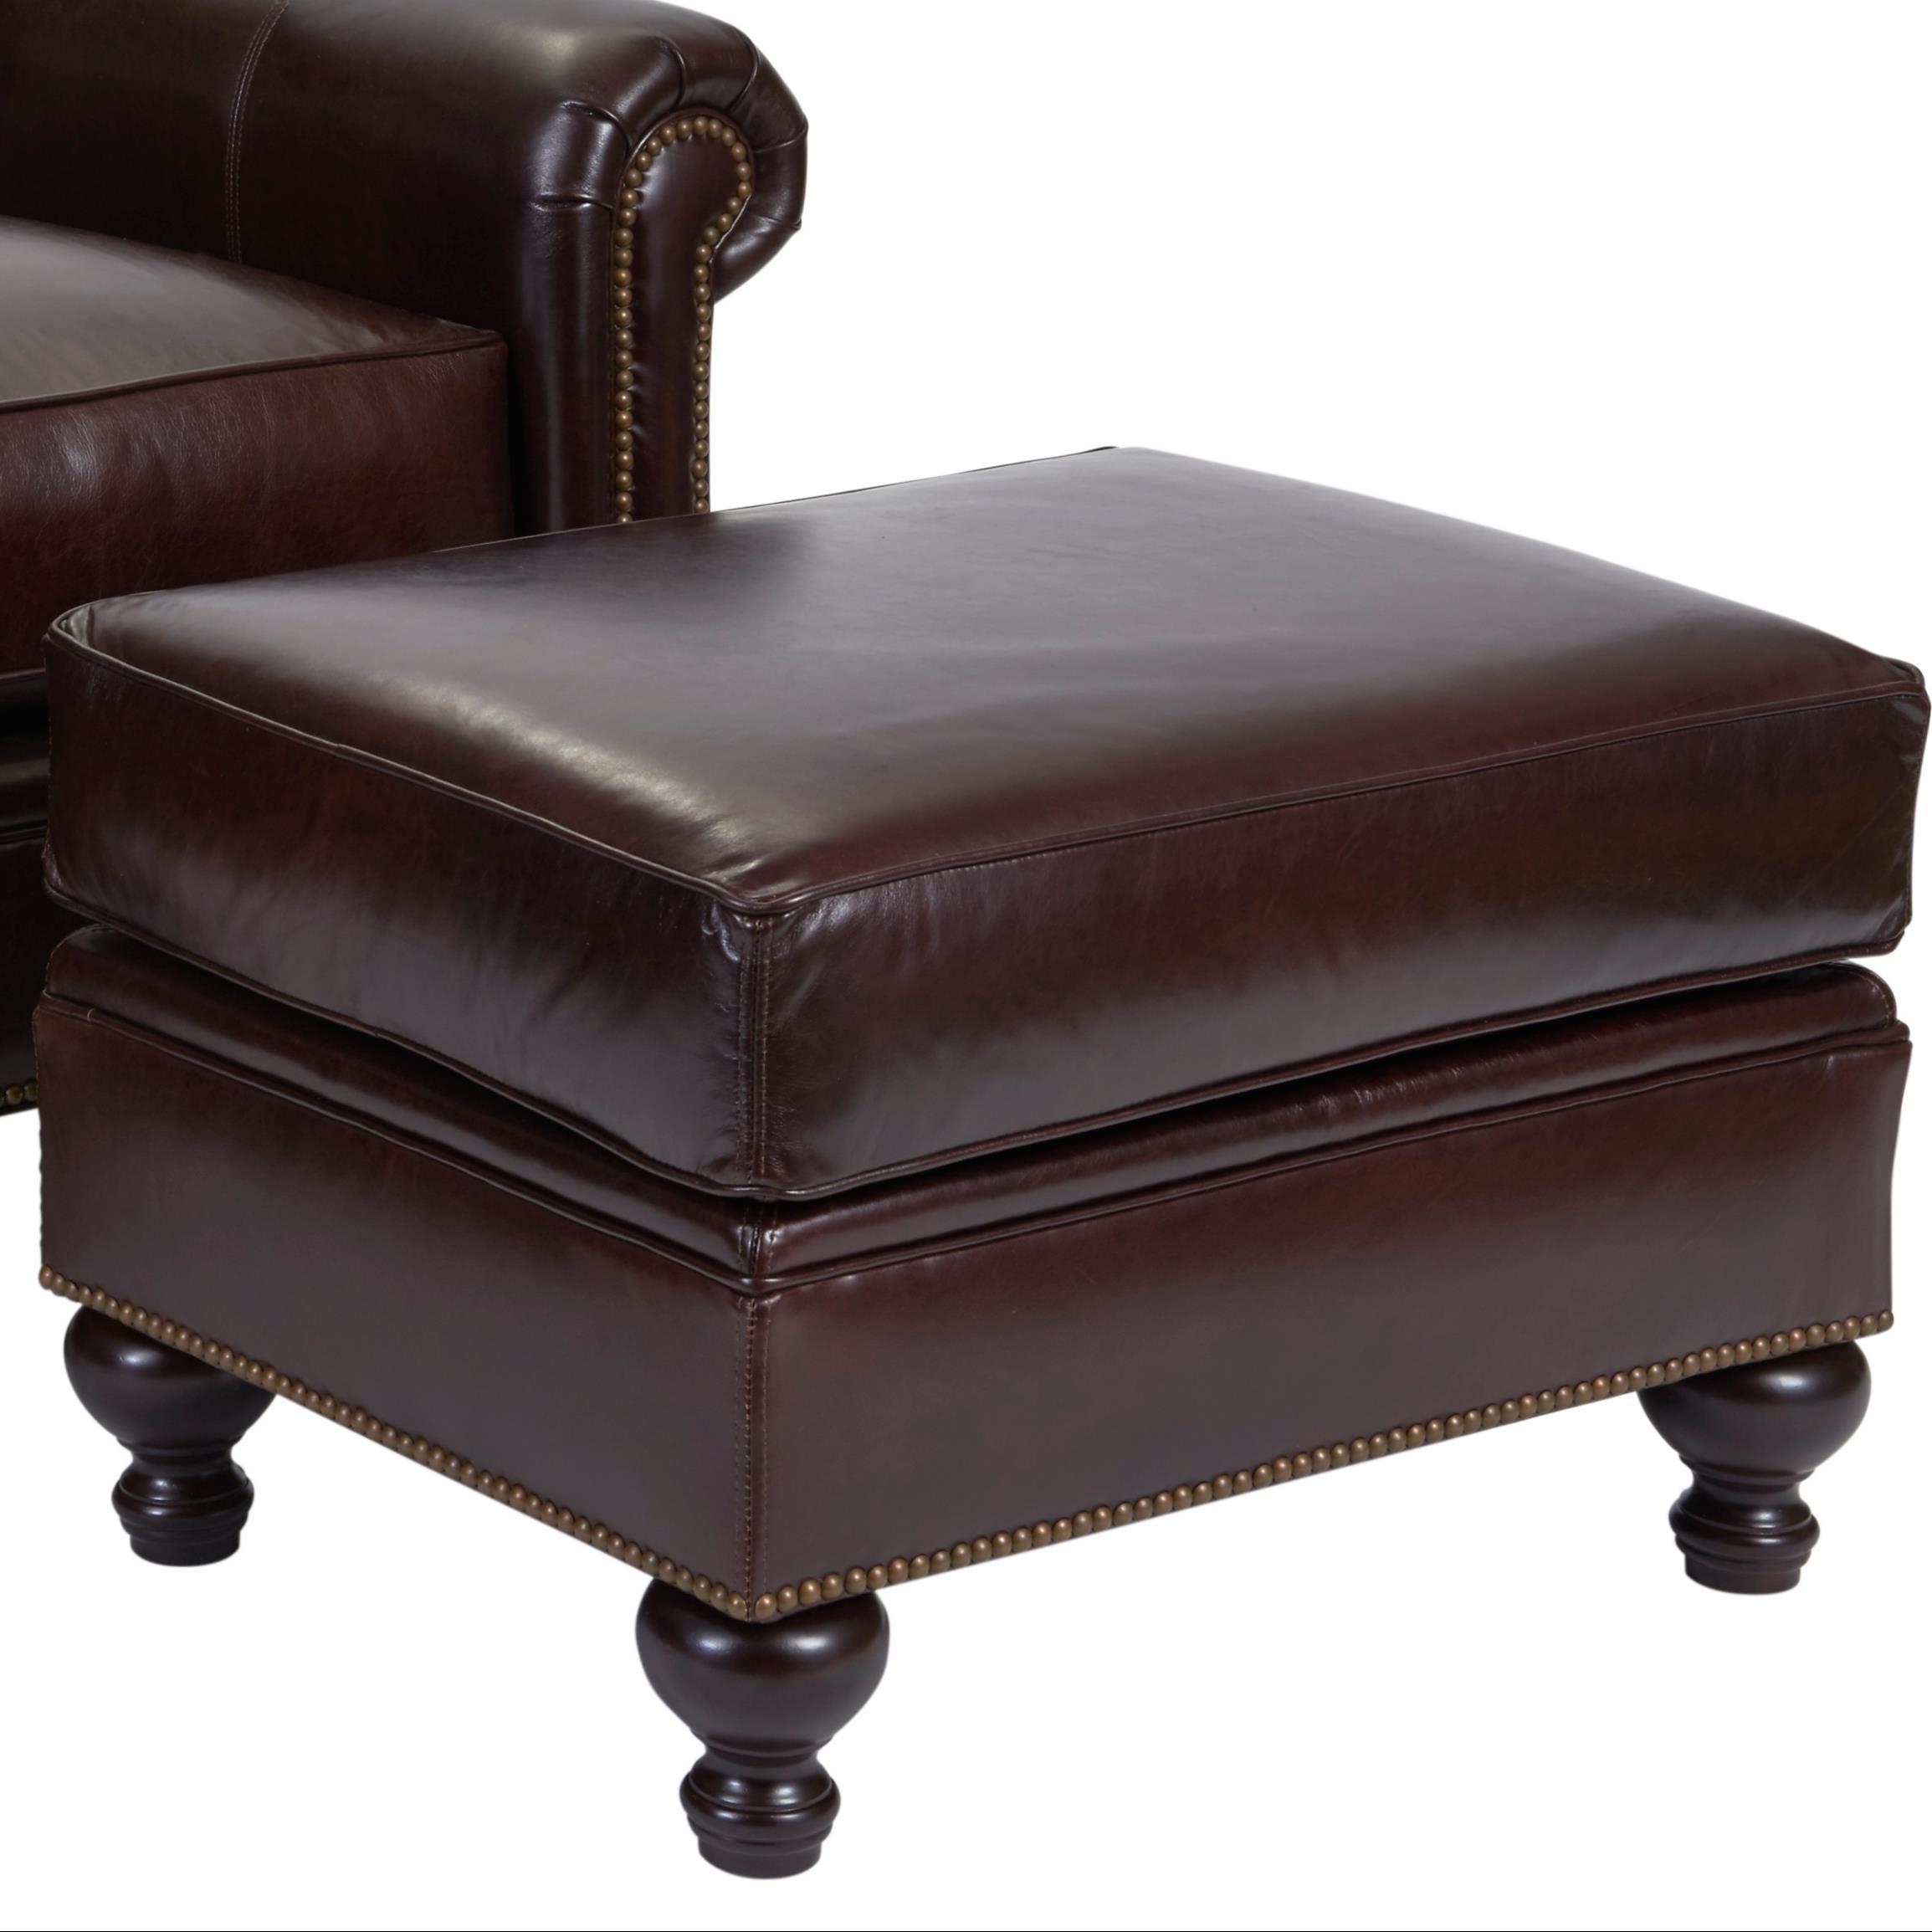 Broyhill Furniture Harrison Ottoman - Item Number: L6751-5-0015-89